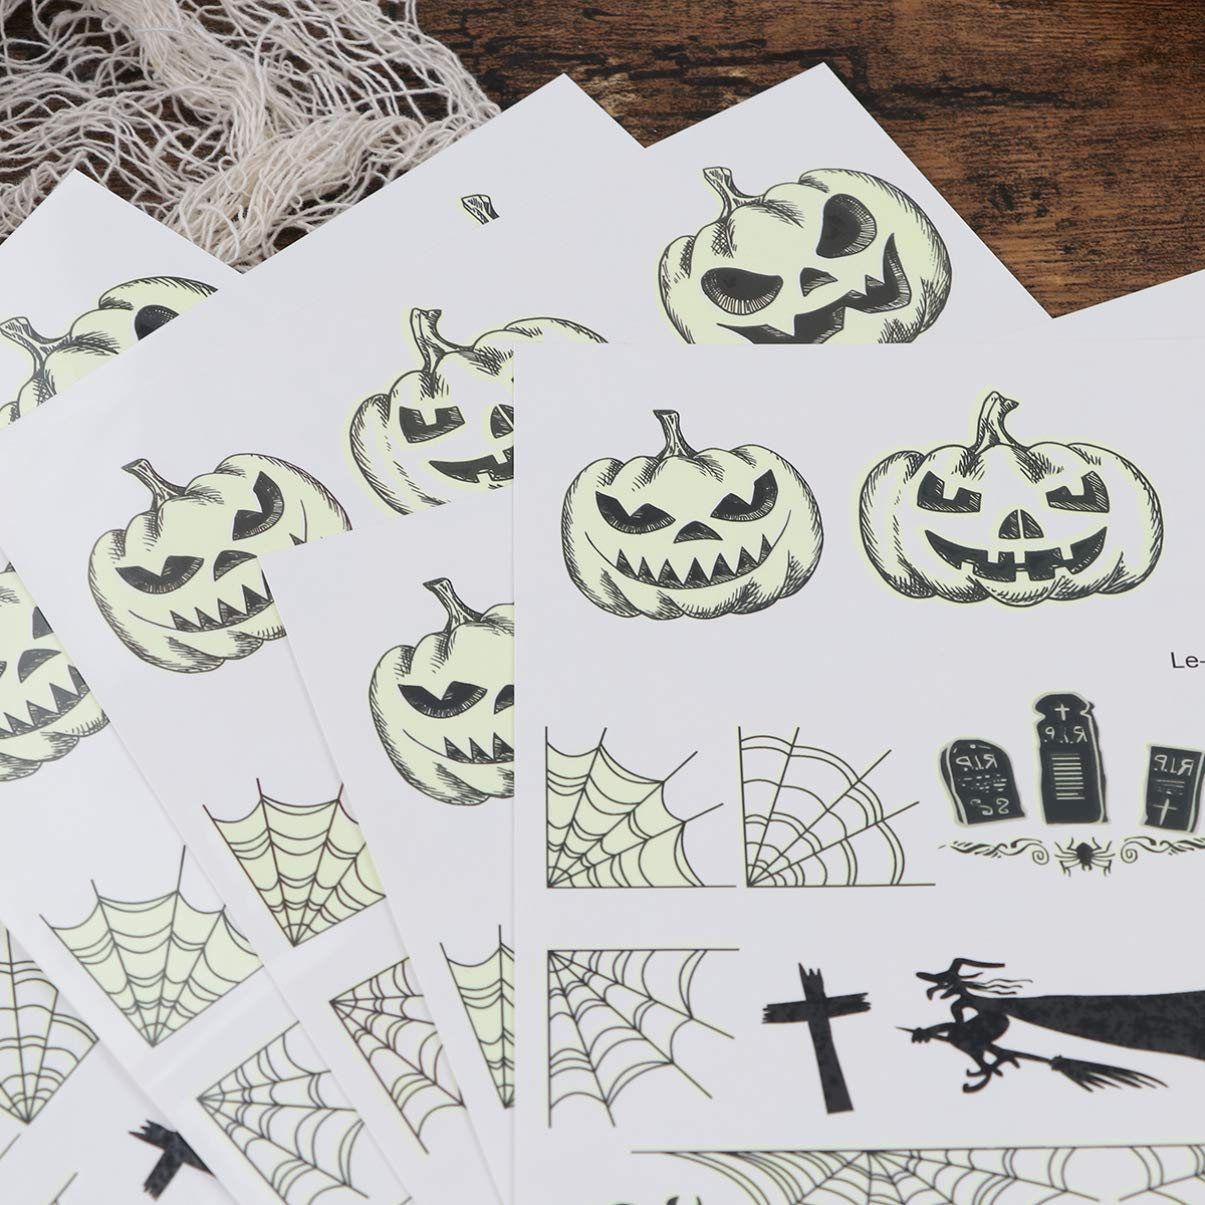 Halloween Autocollants de Tatouage Lumineux /Étanche avec Impression de Citrouille Toile daraign/ée Pierre tombale pour Mascarade Soir/ée /à Th/ème